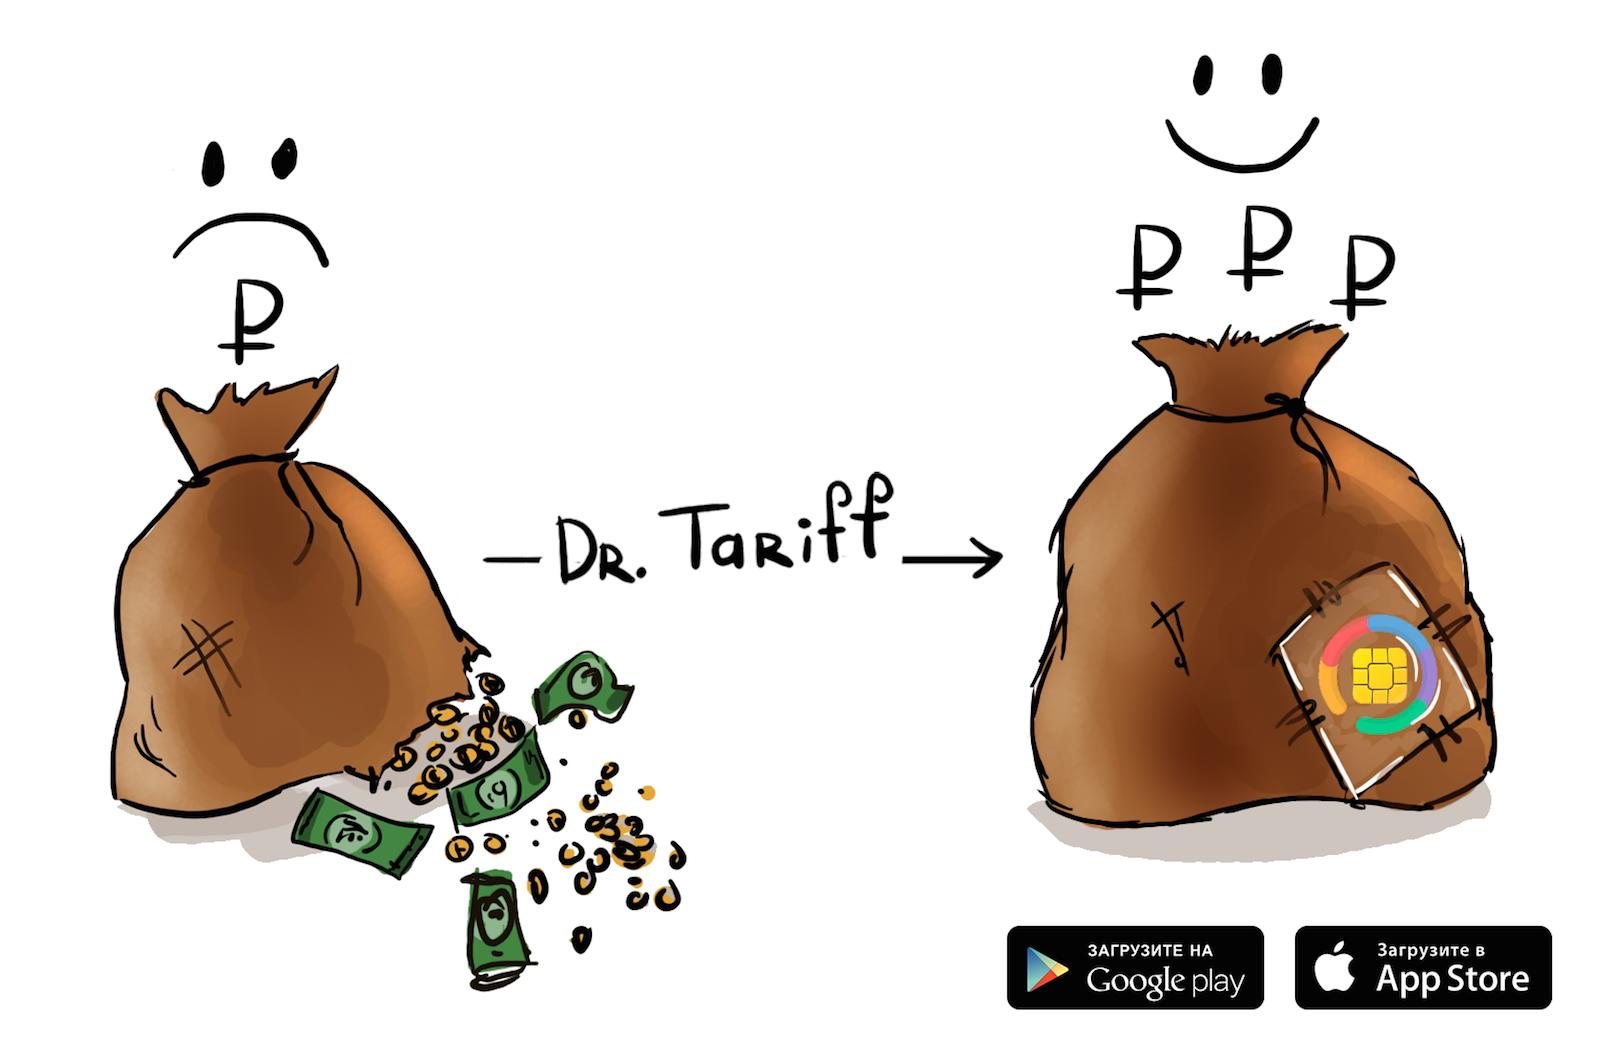 История о том, как мобильный оператор списал деньги с разработчика Dr. Tariff (захватите попкорн)